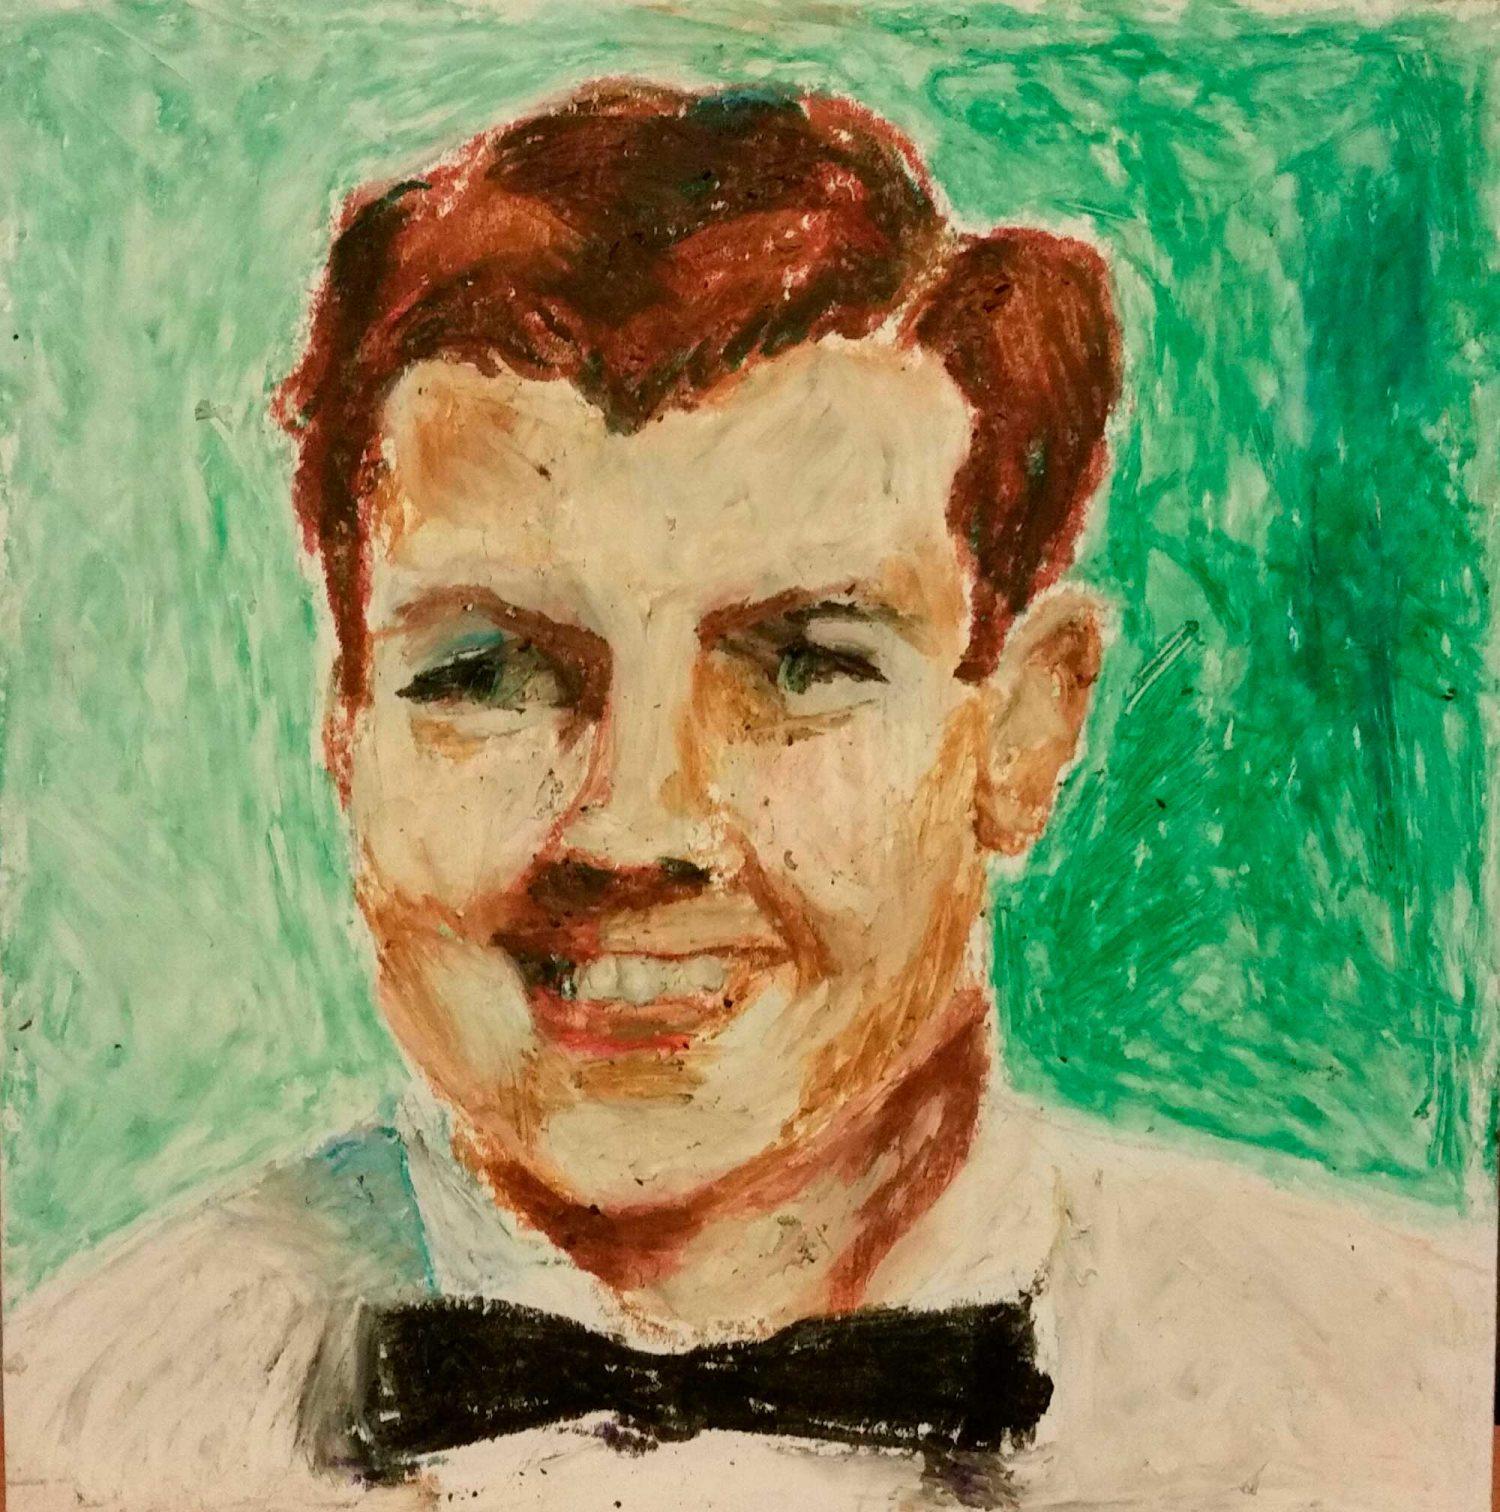 Billy Tipton, by Maura McGurk